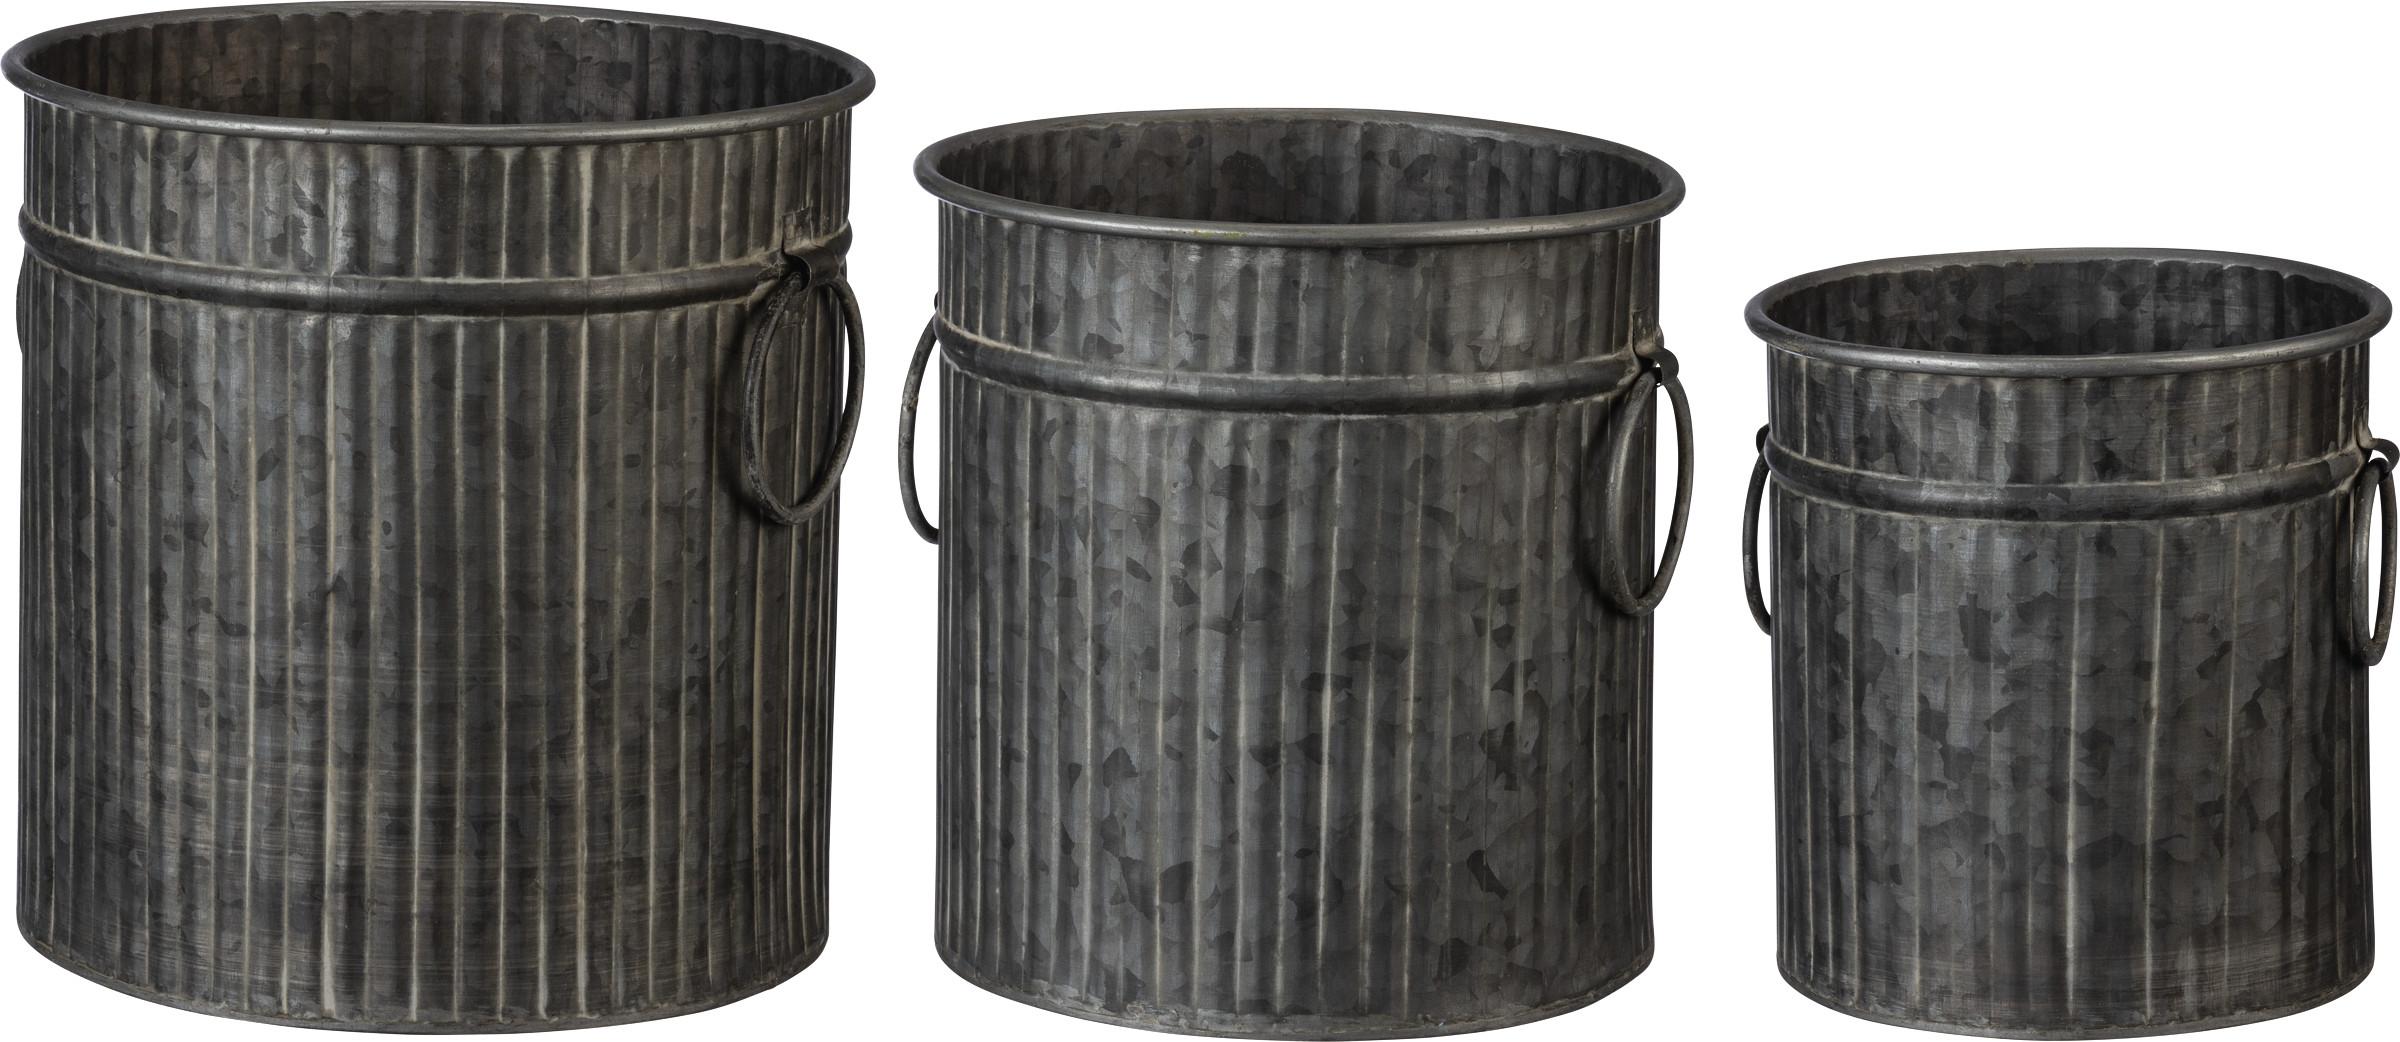 Bucket Set.